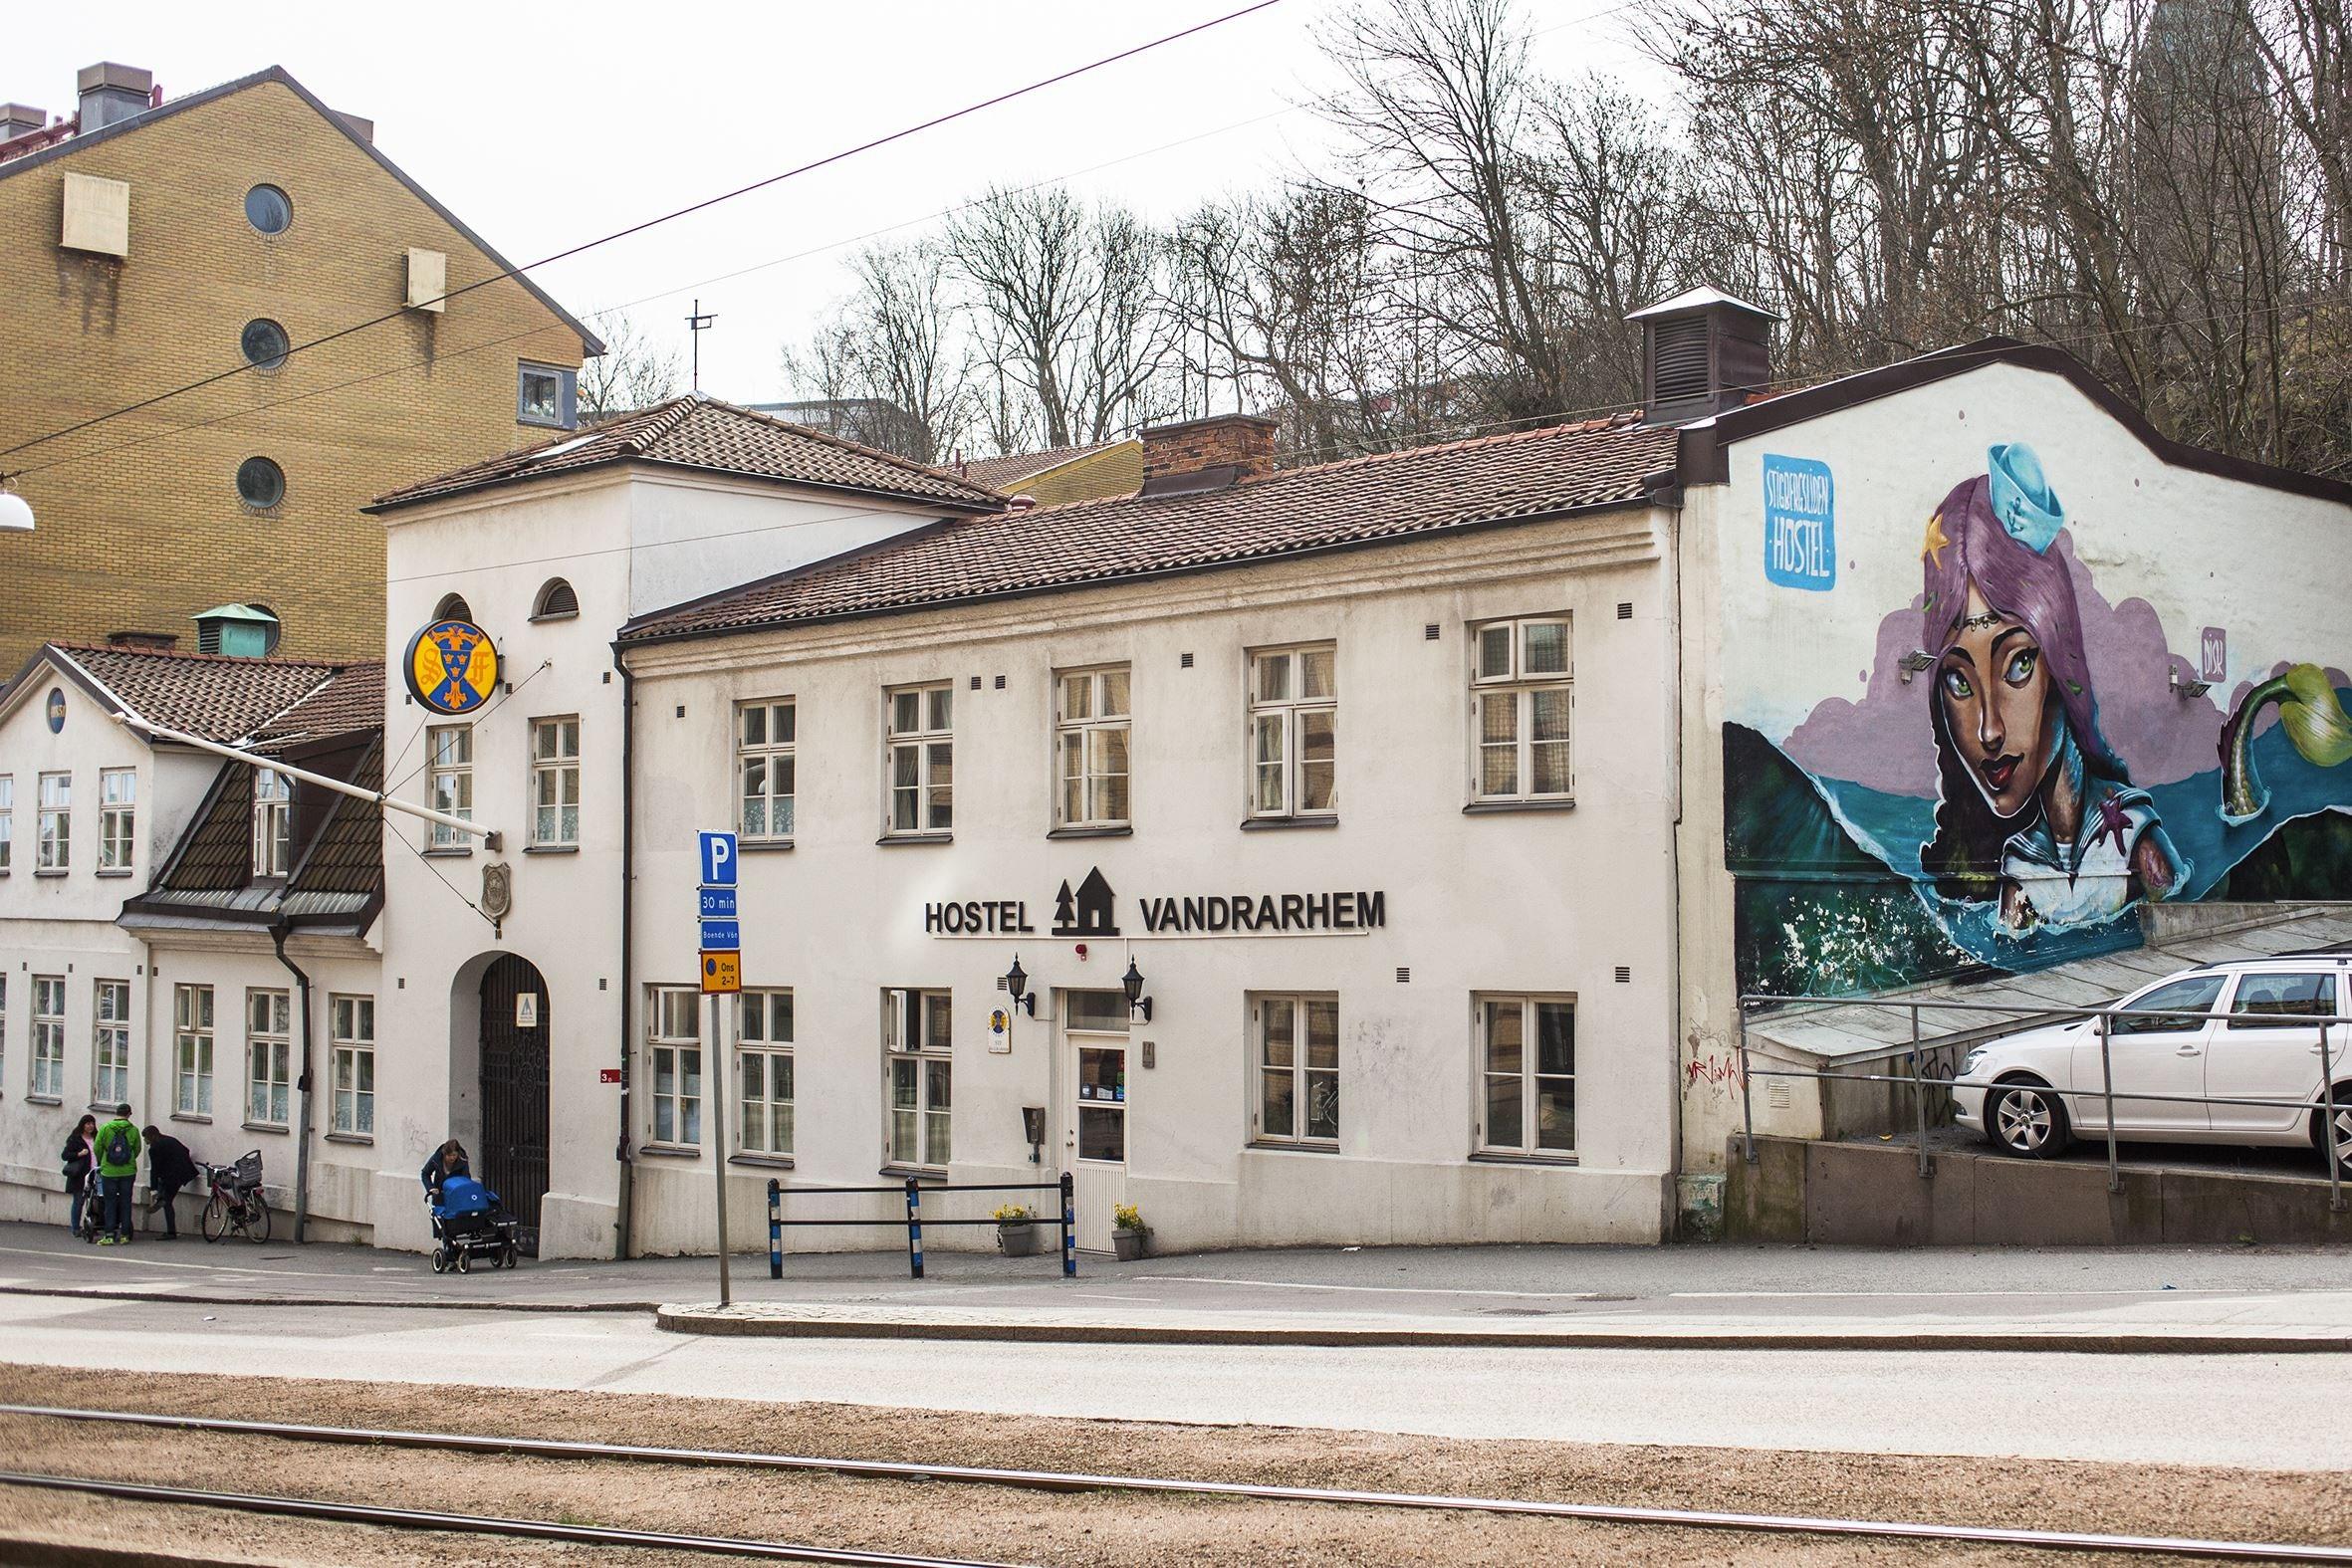 Mtesplatsen kostnad filmporr pse escort svenska noveller